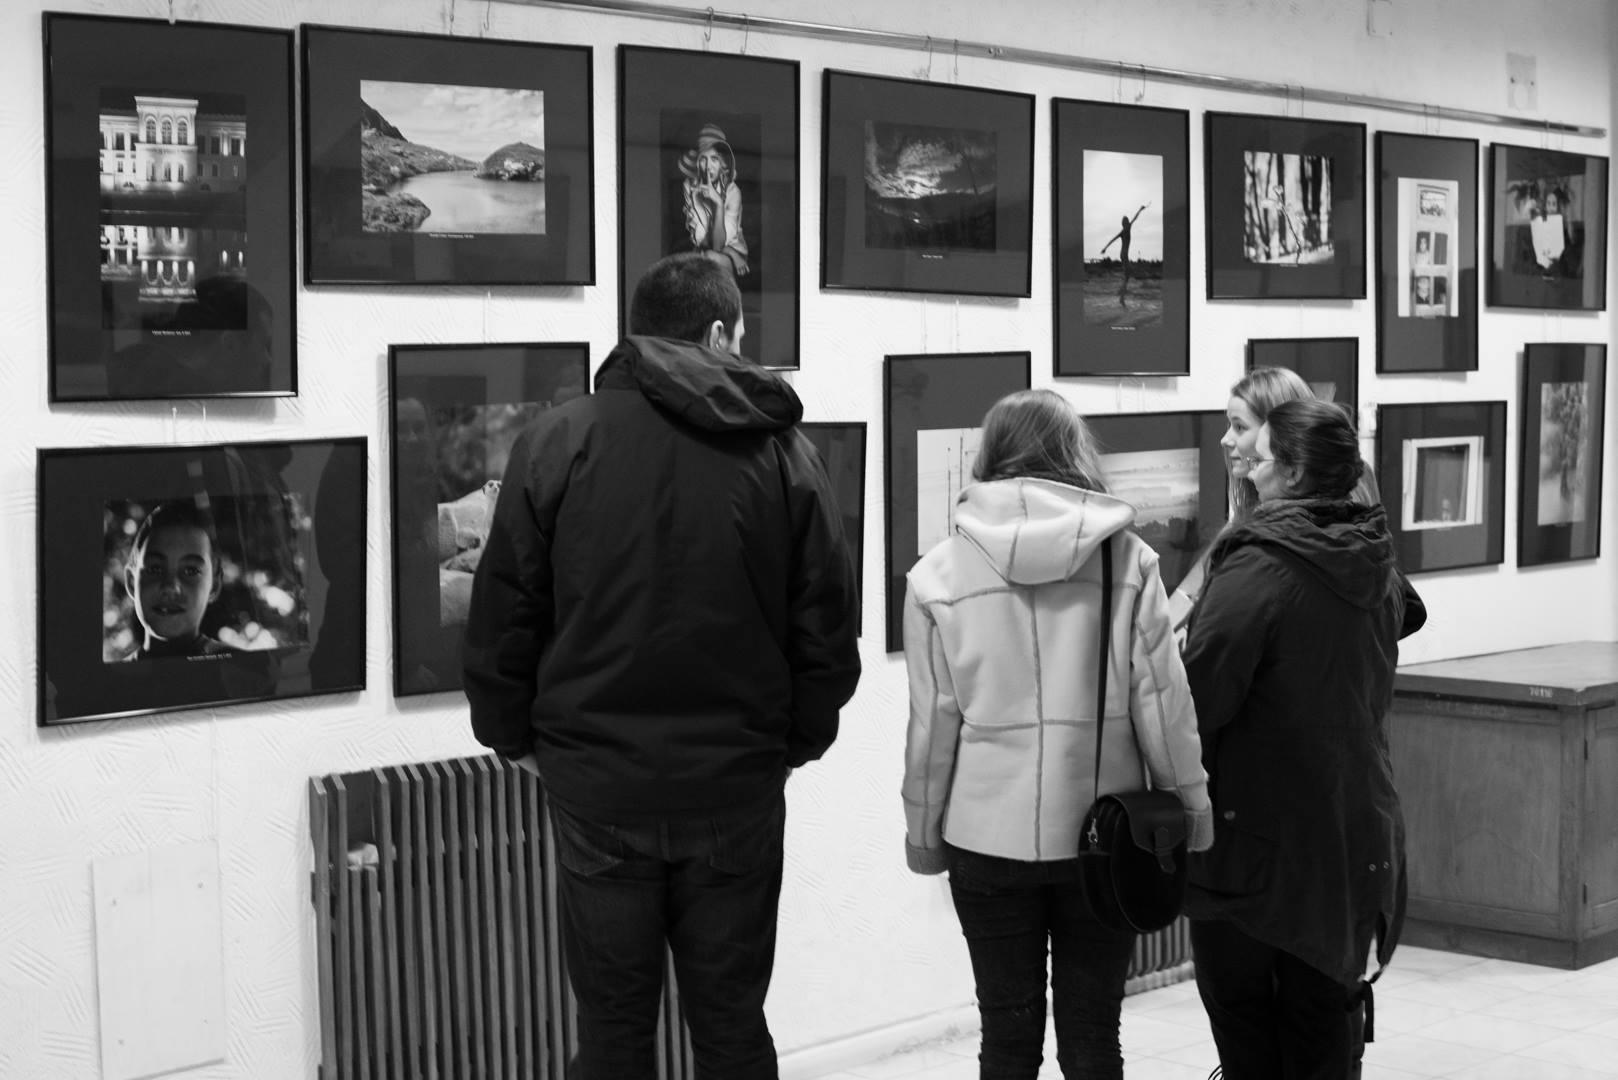 Expoziţie de fotografie Printre popi şi doamne - organizator Clubul Fotografilor Iasi Paul Padurariu cadre oameni prezenti la expozitie